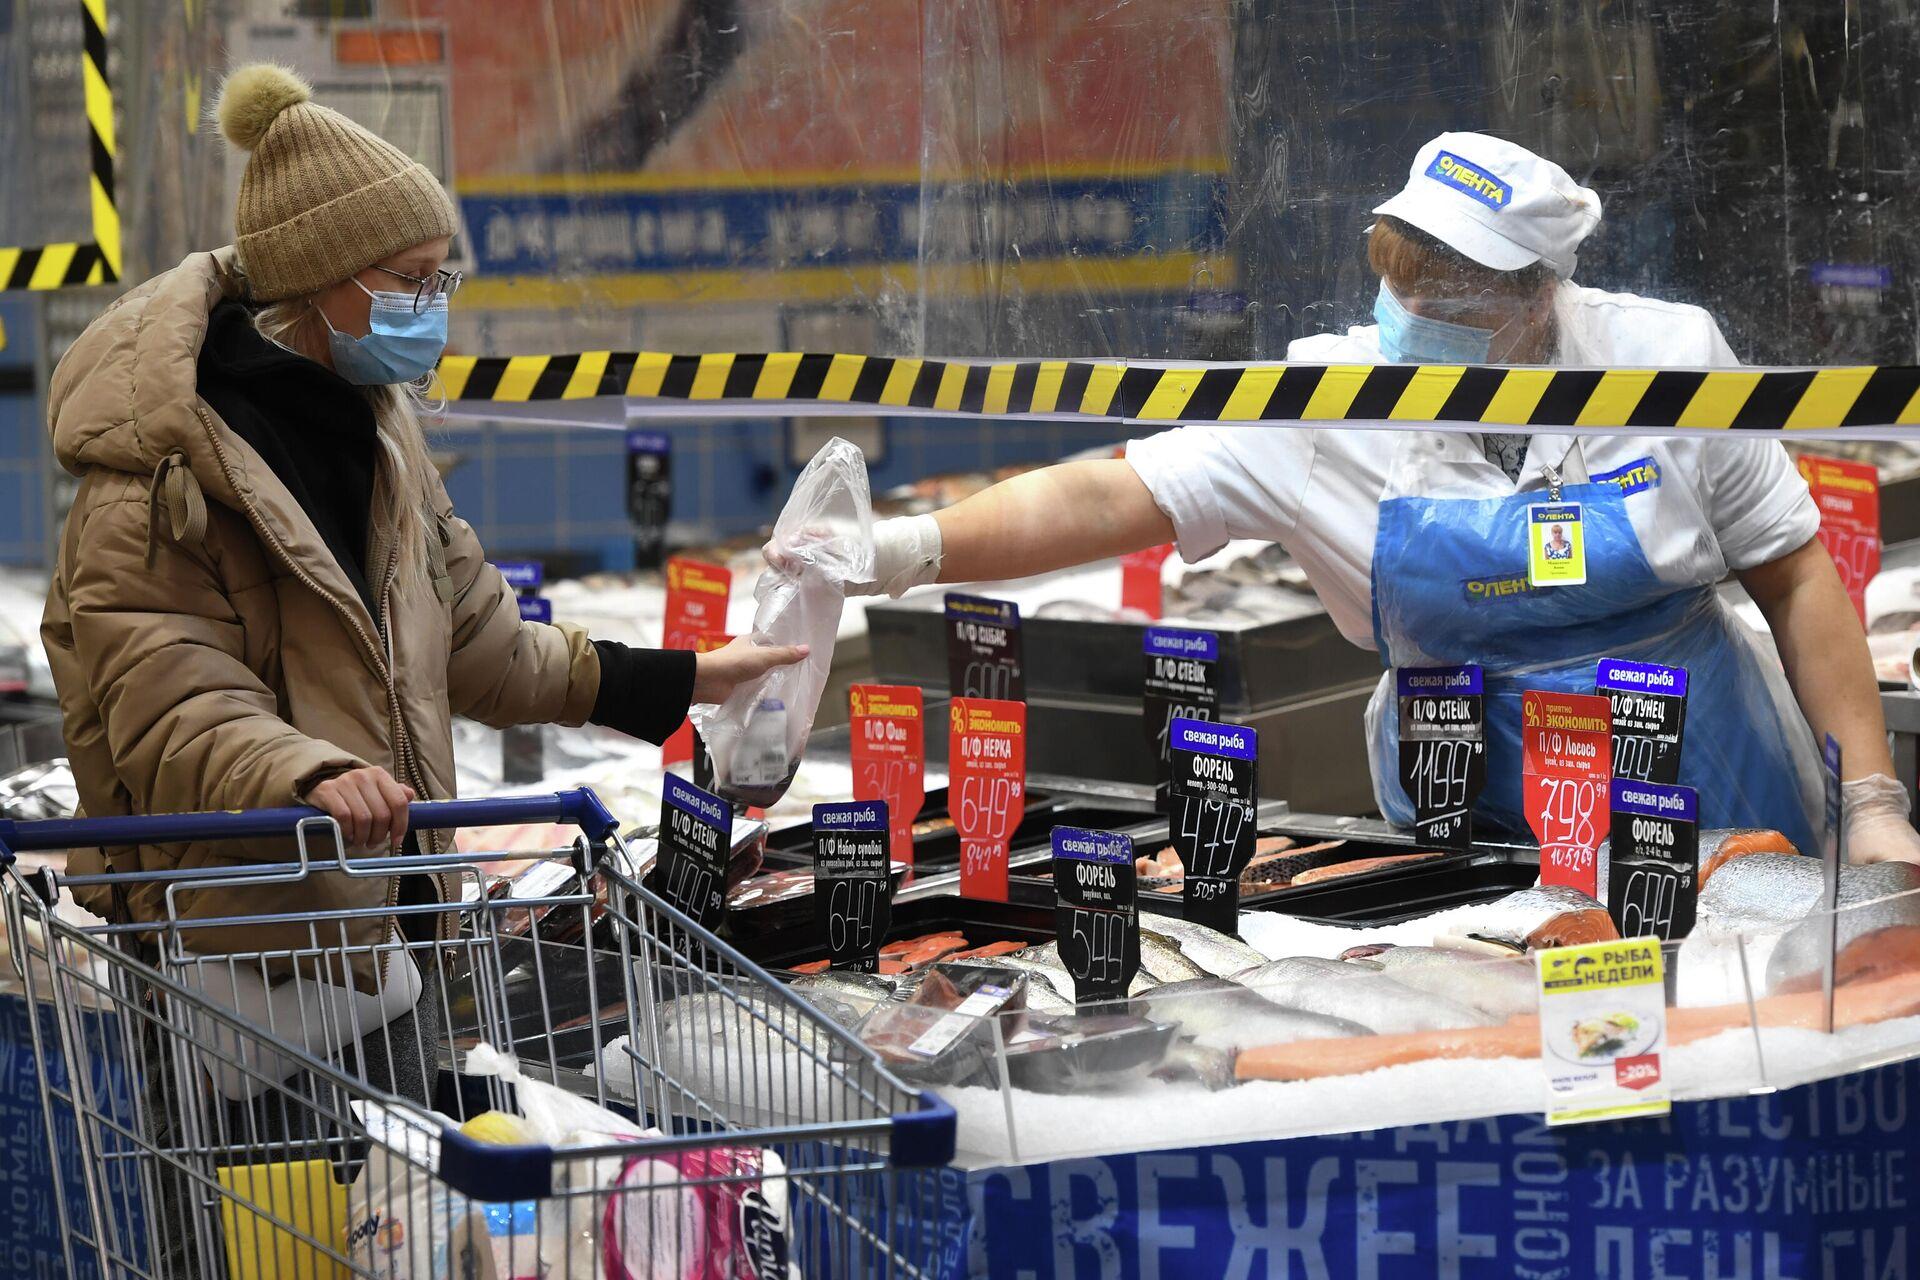 Покупатель и продавец в рыбном отделе гипермаркета Лента в период пандемии коронавируса в Новосибирске - РИА Новости, 1920, 20.11.2020